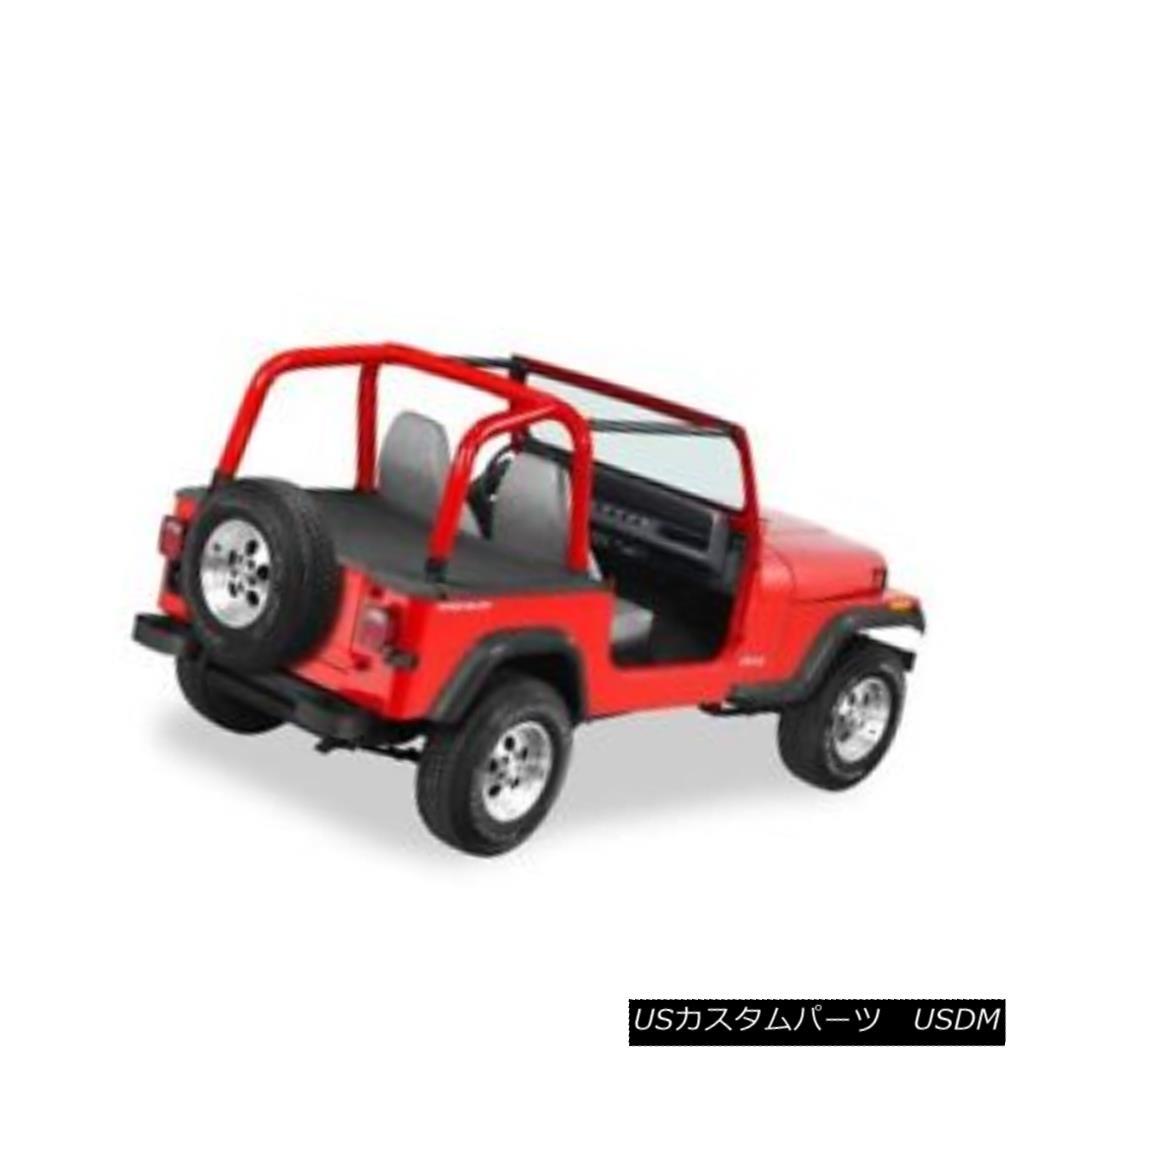 幌・ソフトトップ Bestop 90002-15 Duster Deck Cover For 86-91 Jeep Wrangler YJ w/ Factory Soft Top Bestop 90002-15ダスターデッキカバー86-91用ジープラングラーYJファクトリーソフトトップ